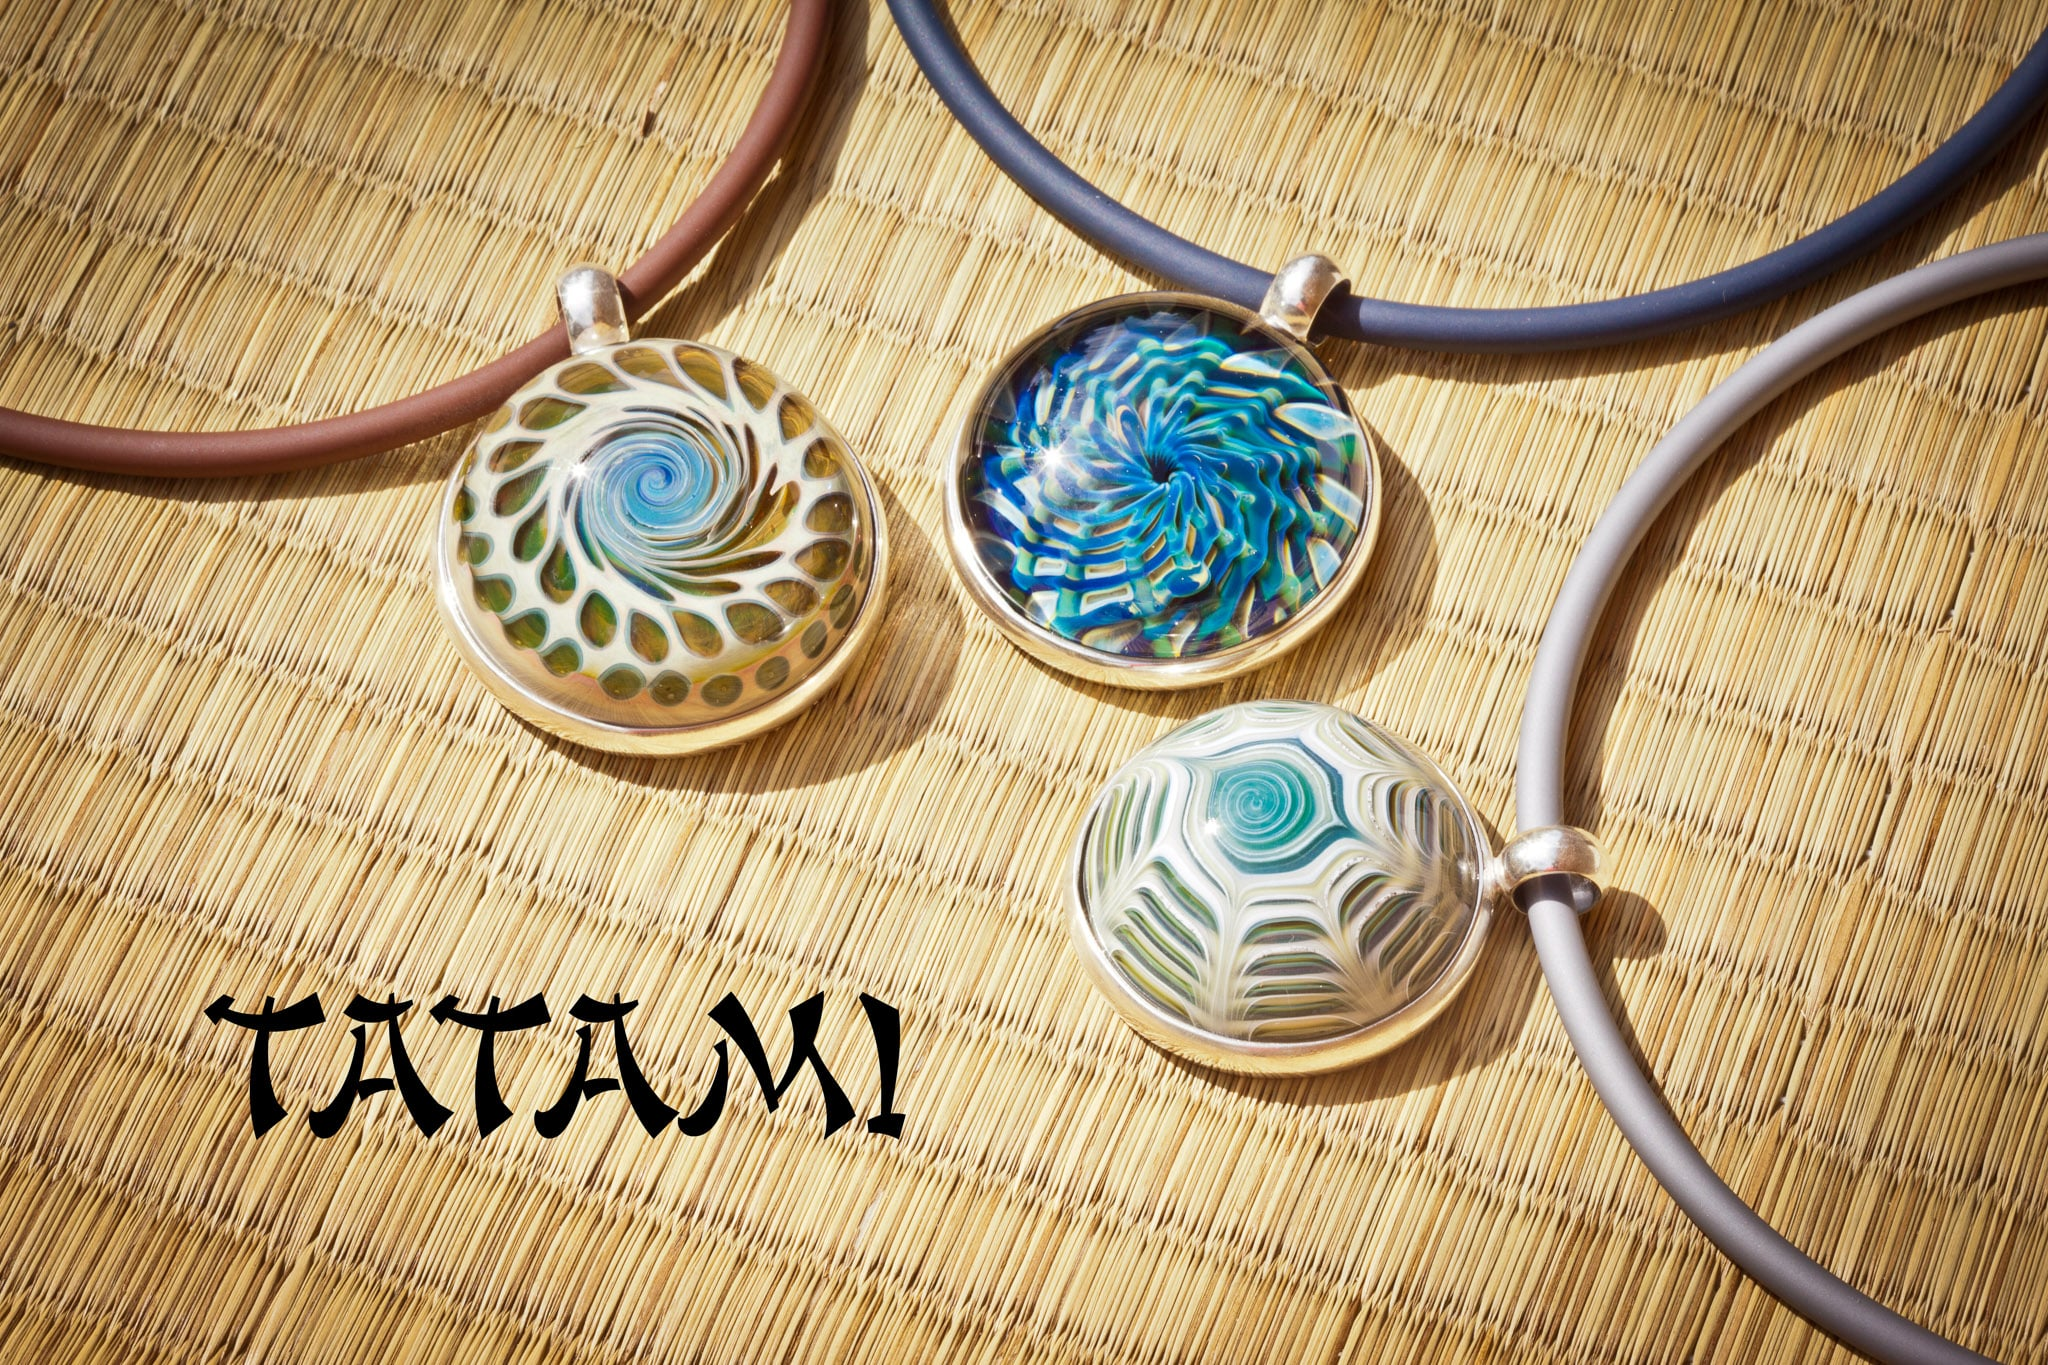 tatami-slider-01